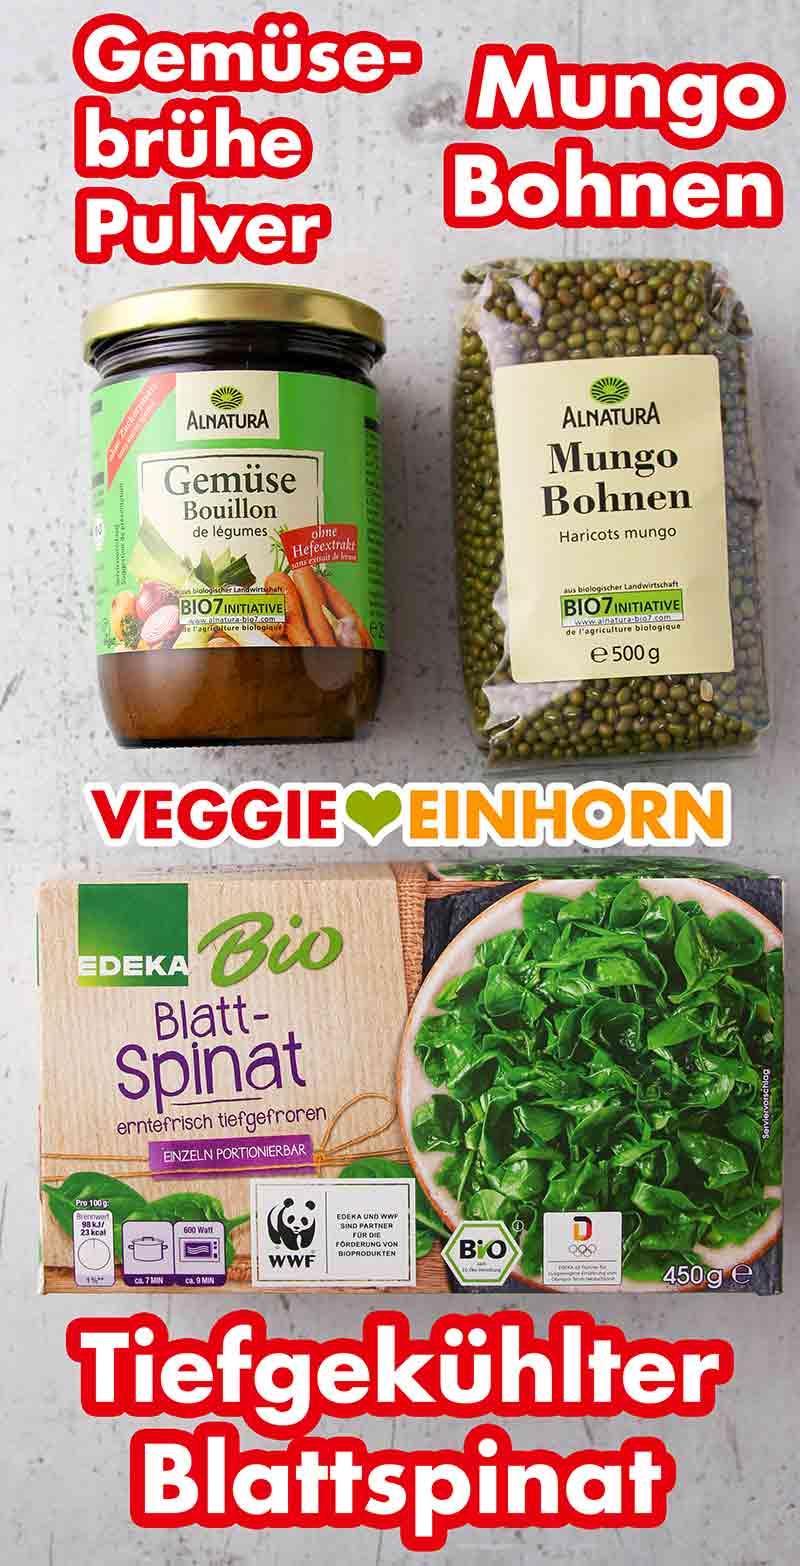 Gemüsebrühe Pulver, Mungbohnen, TK Blattspinat